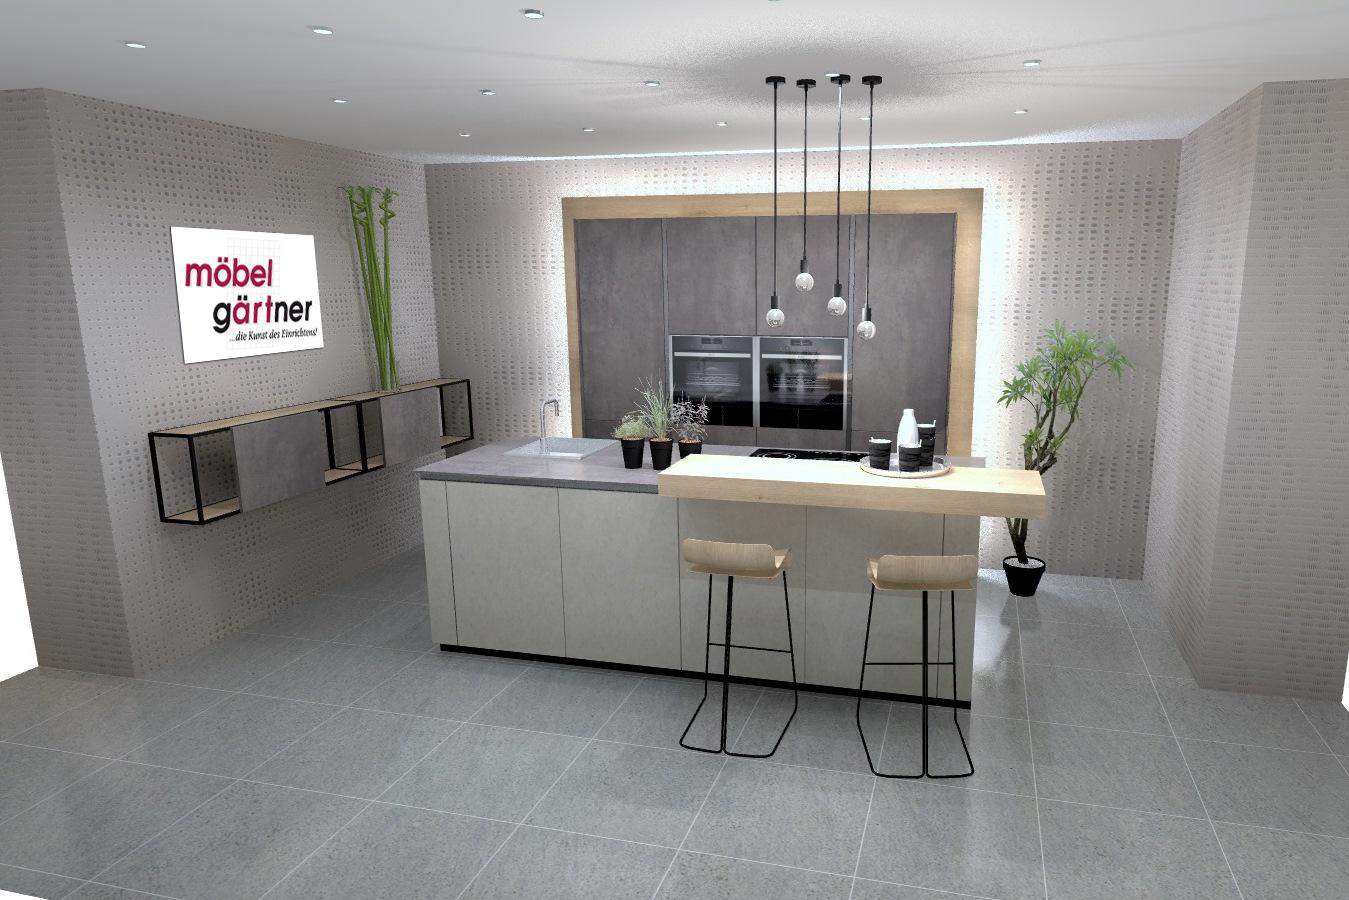 m bel g rtner lorsch leben und wohnen. Black Bedroom Furniture Sets. Home Design Ideas